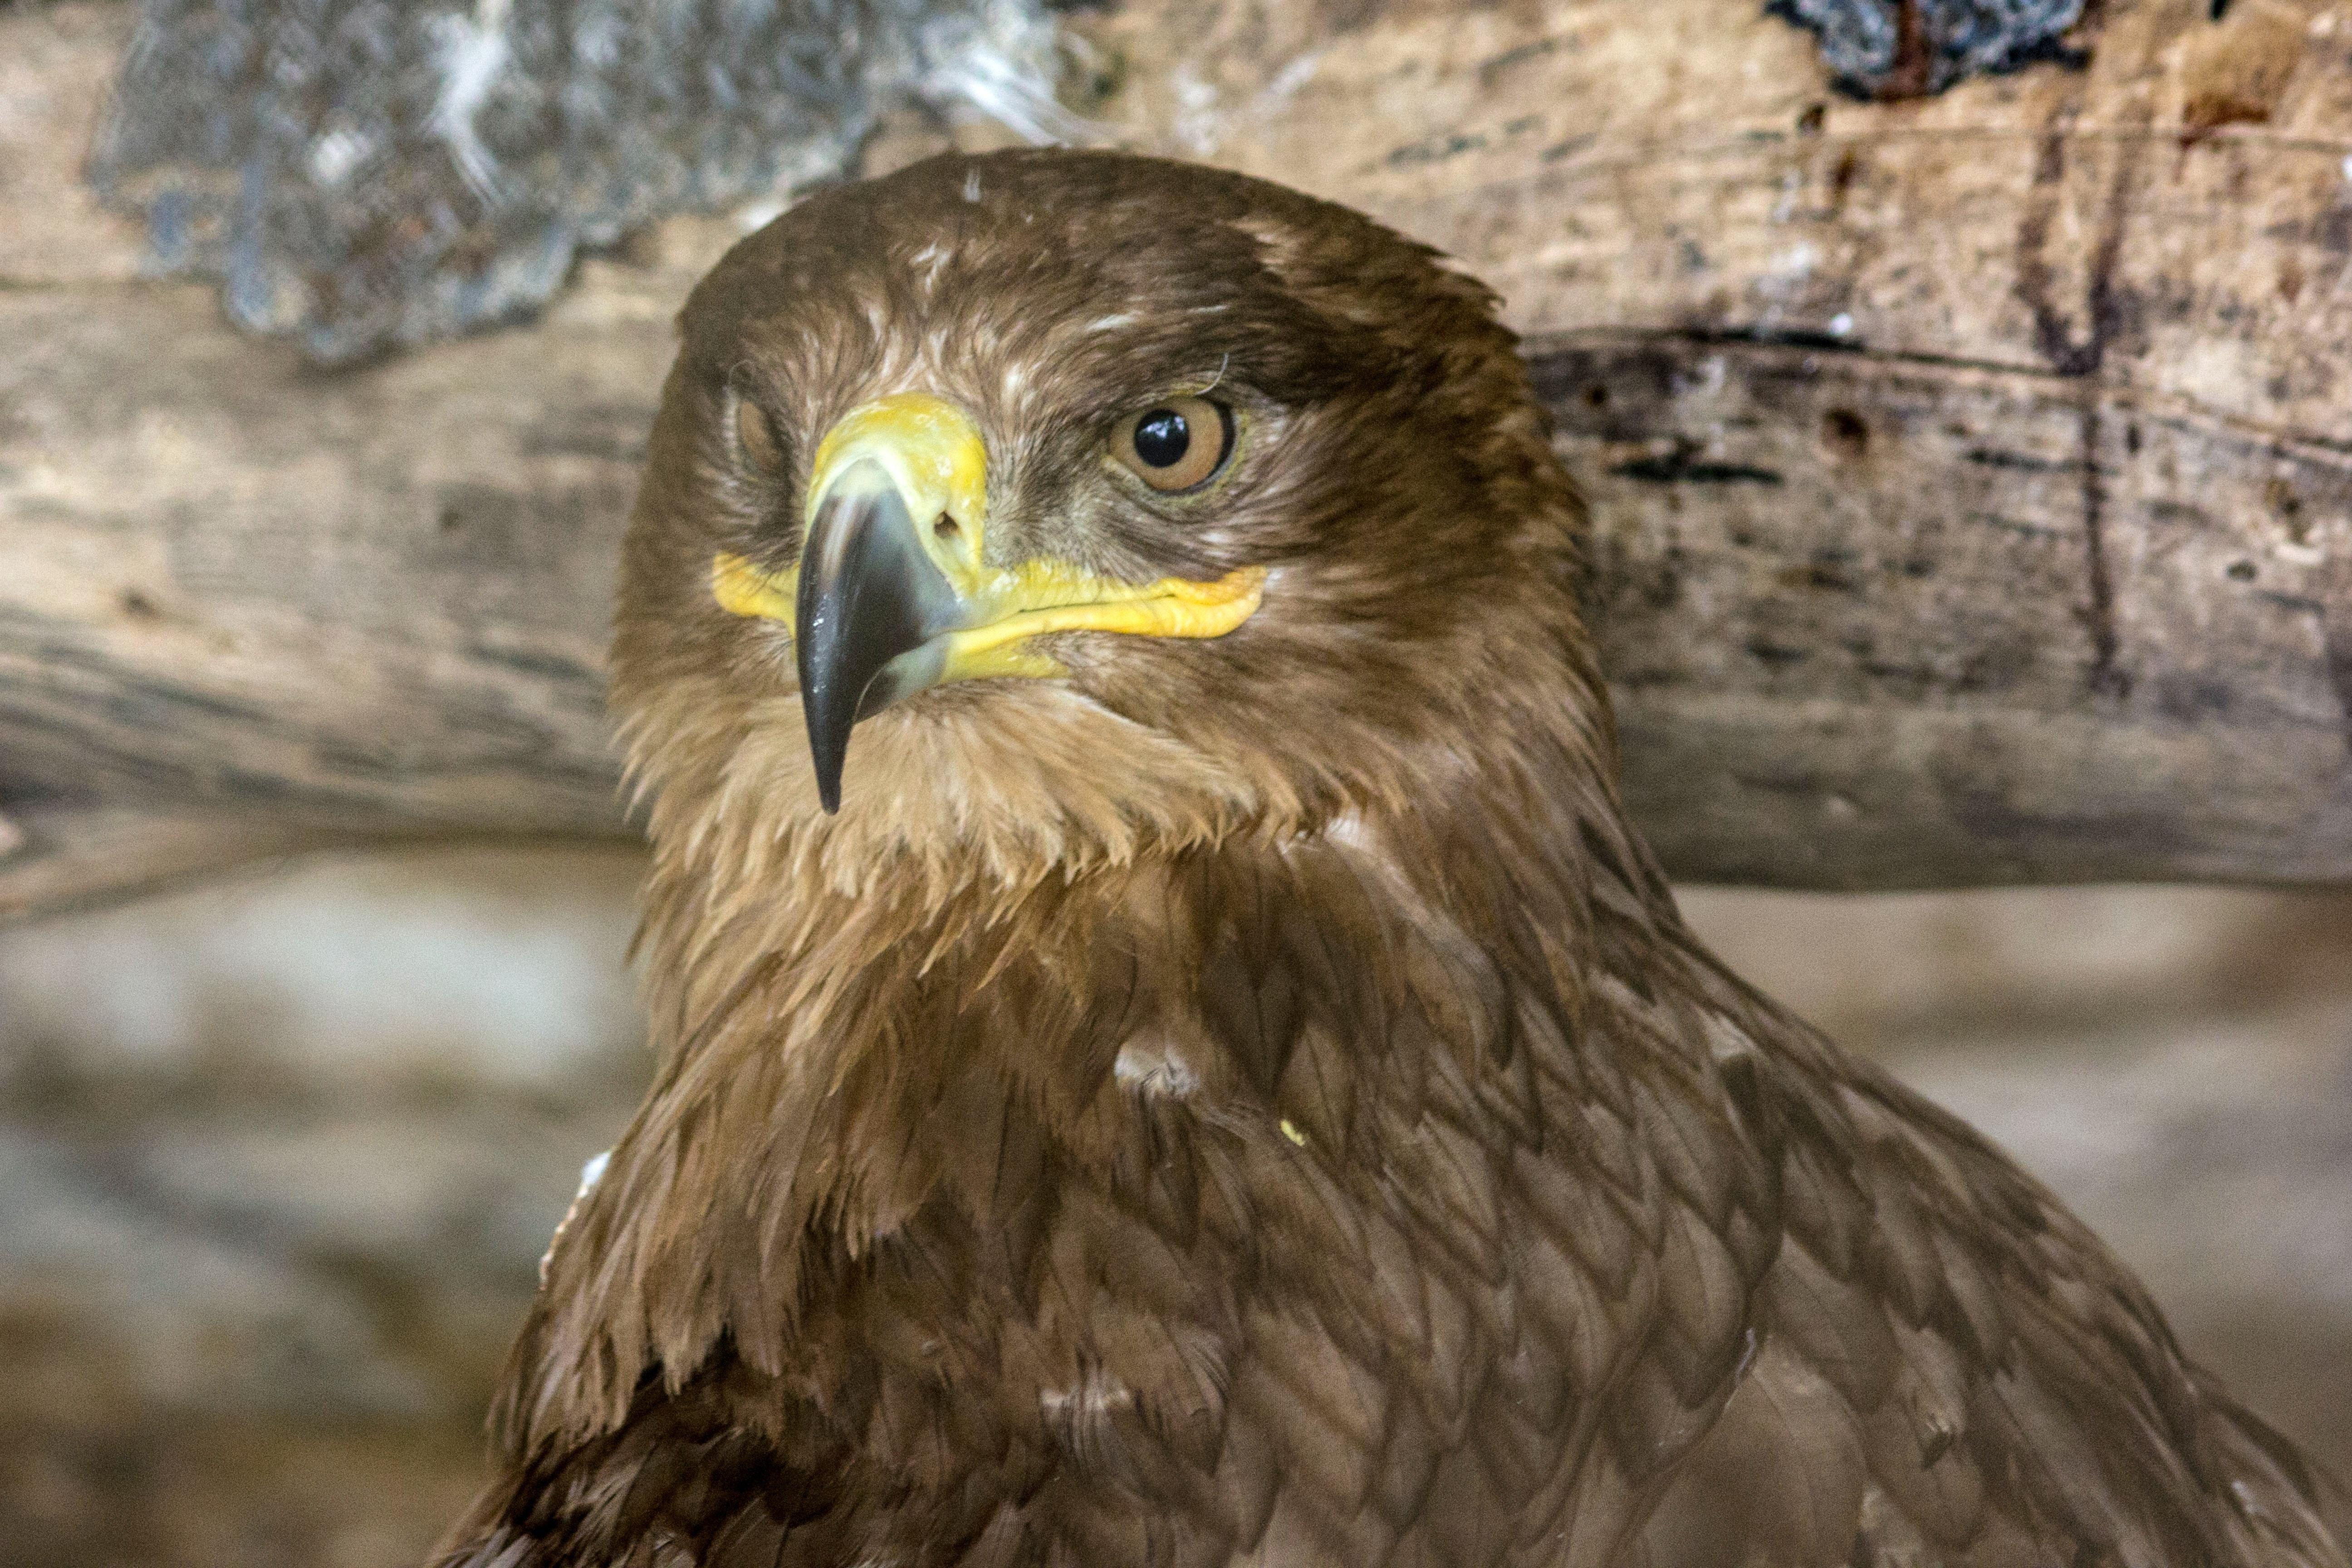 Foto Stok Gratis Tentang Burung Burung Eagle Eagles Bird Birdphotography Berbahaya